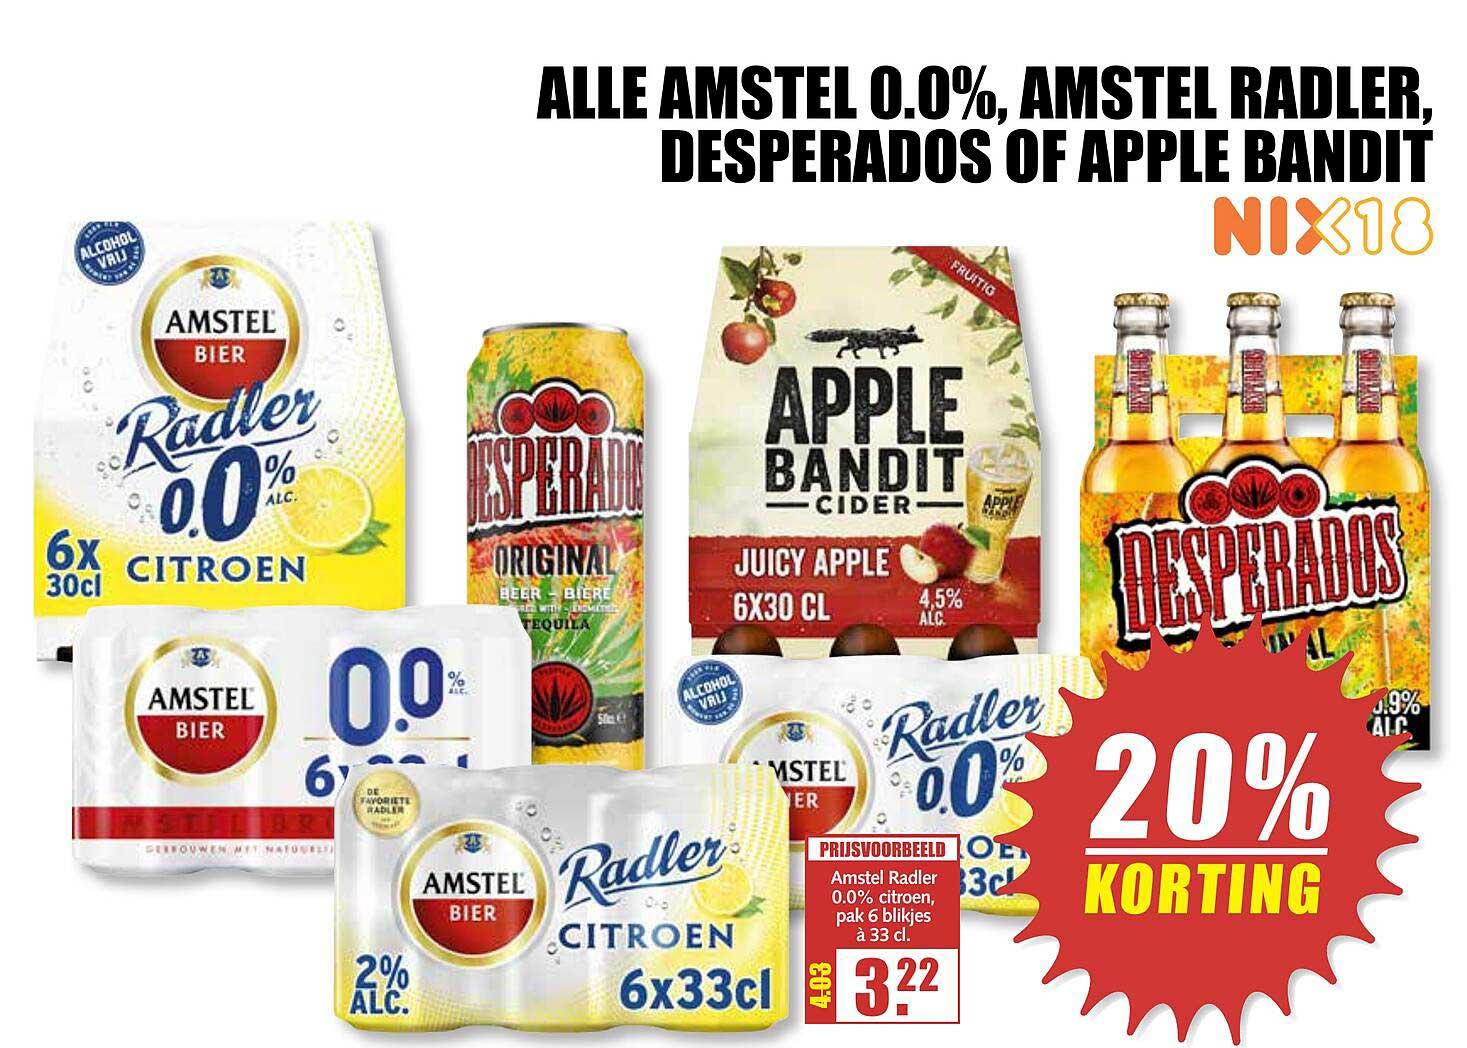 MCD Supermarkt Alle Amstel 0.0%, Amstel Radler, Desperados Of Apple Bandit 20% Korting